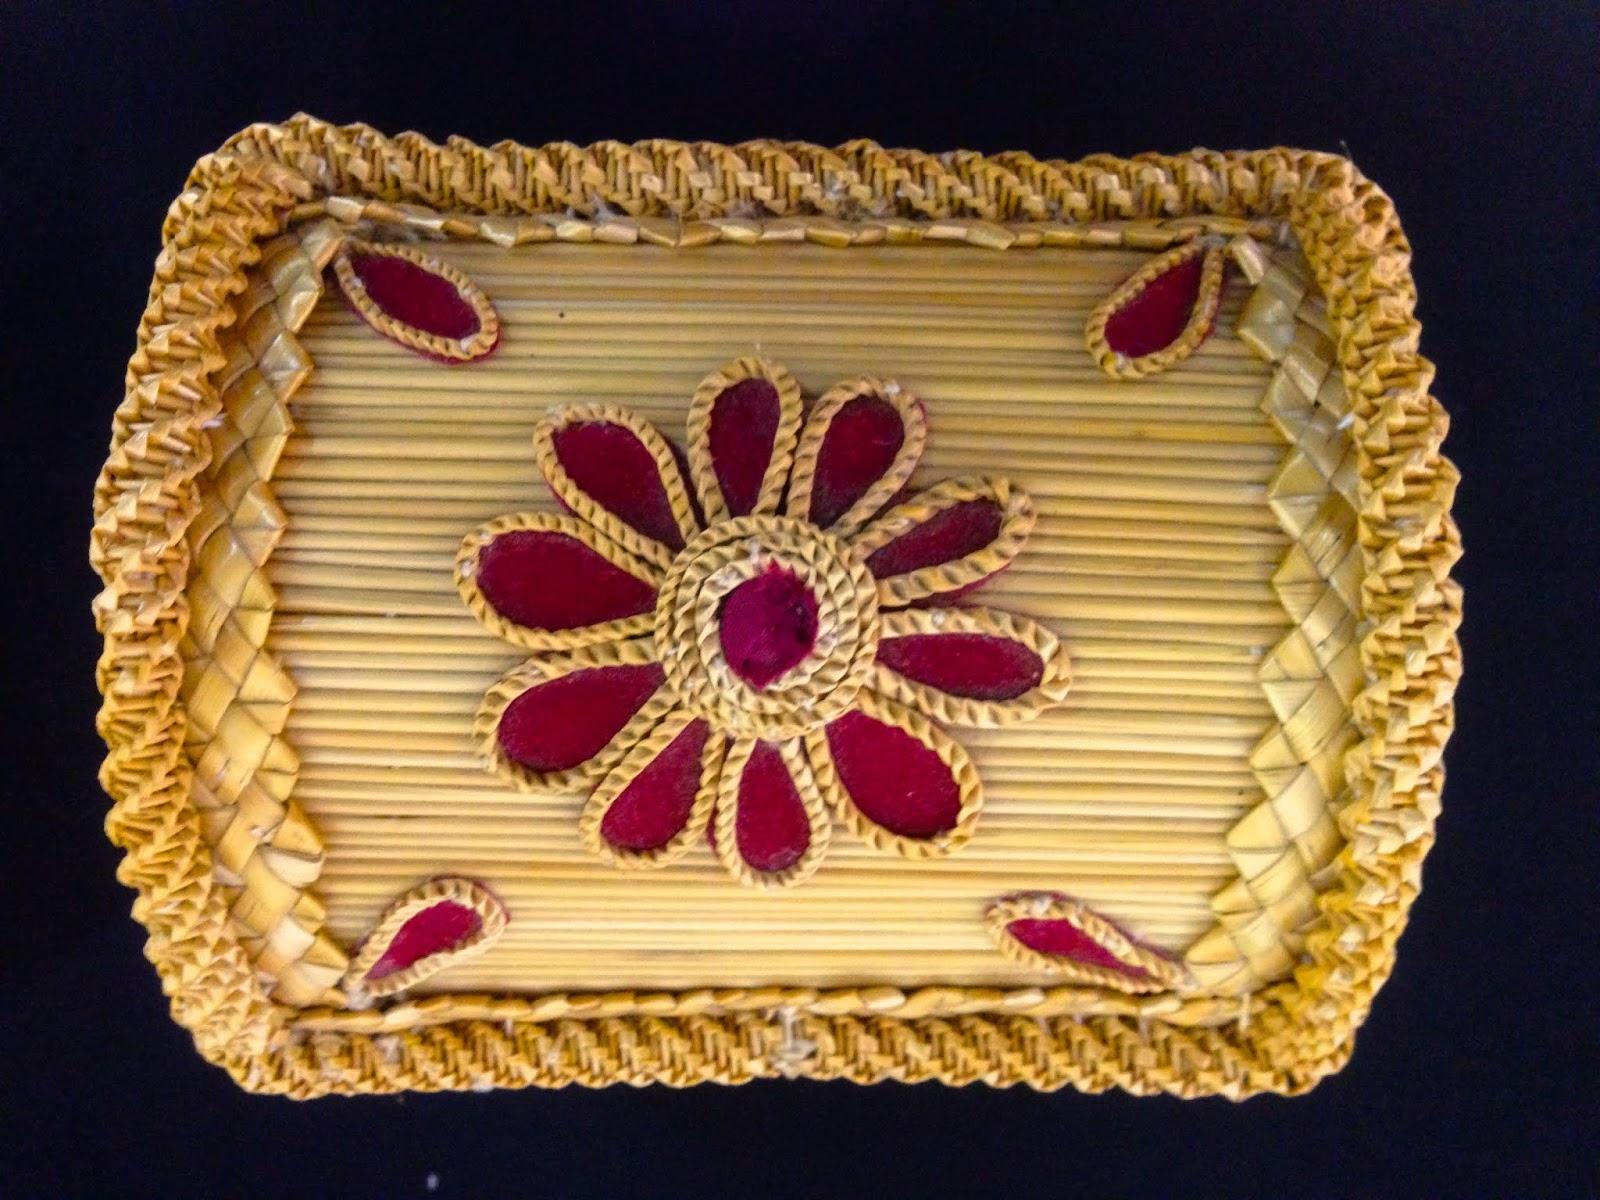 Exposición permanente de cestería popular ibérica. Caballar (Segovia)